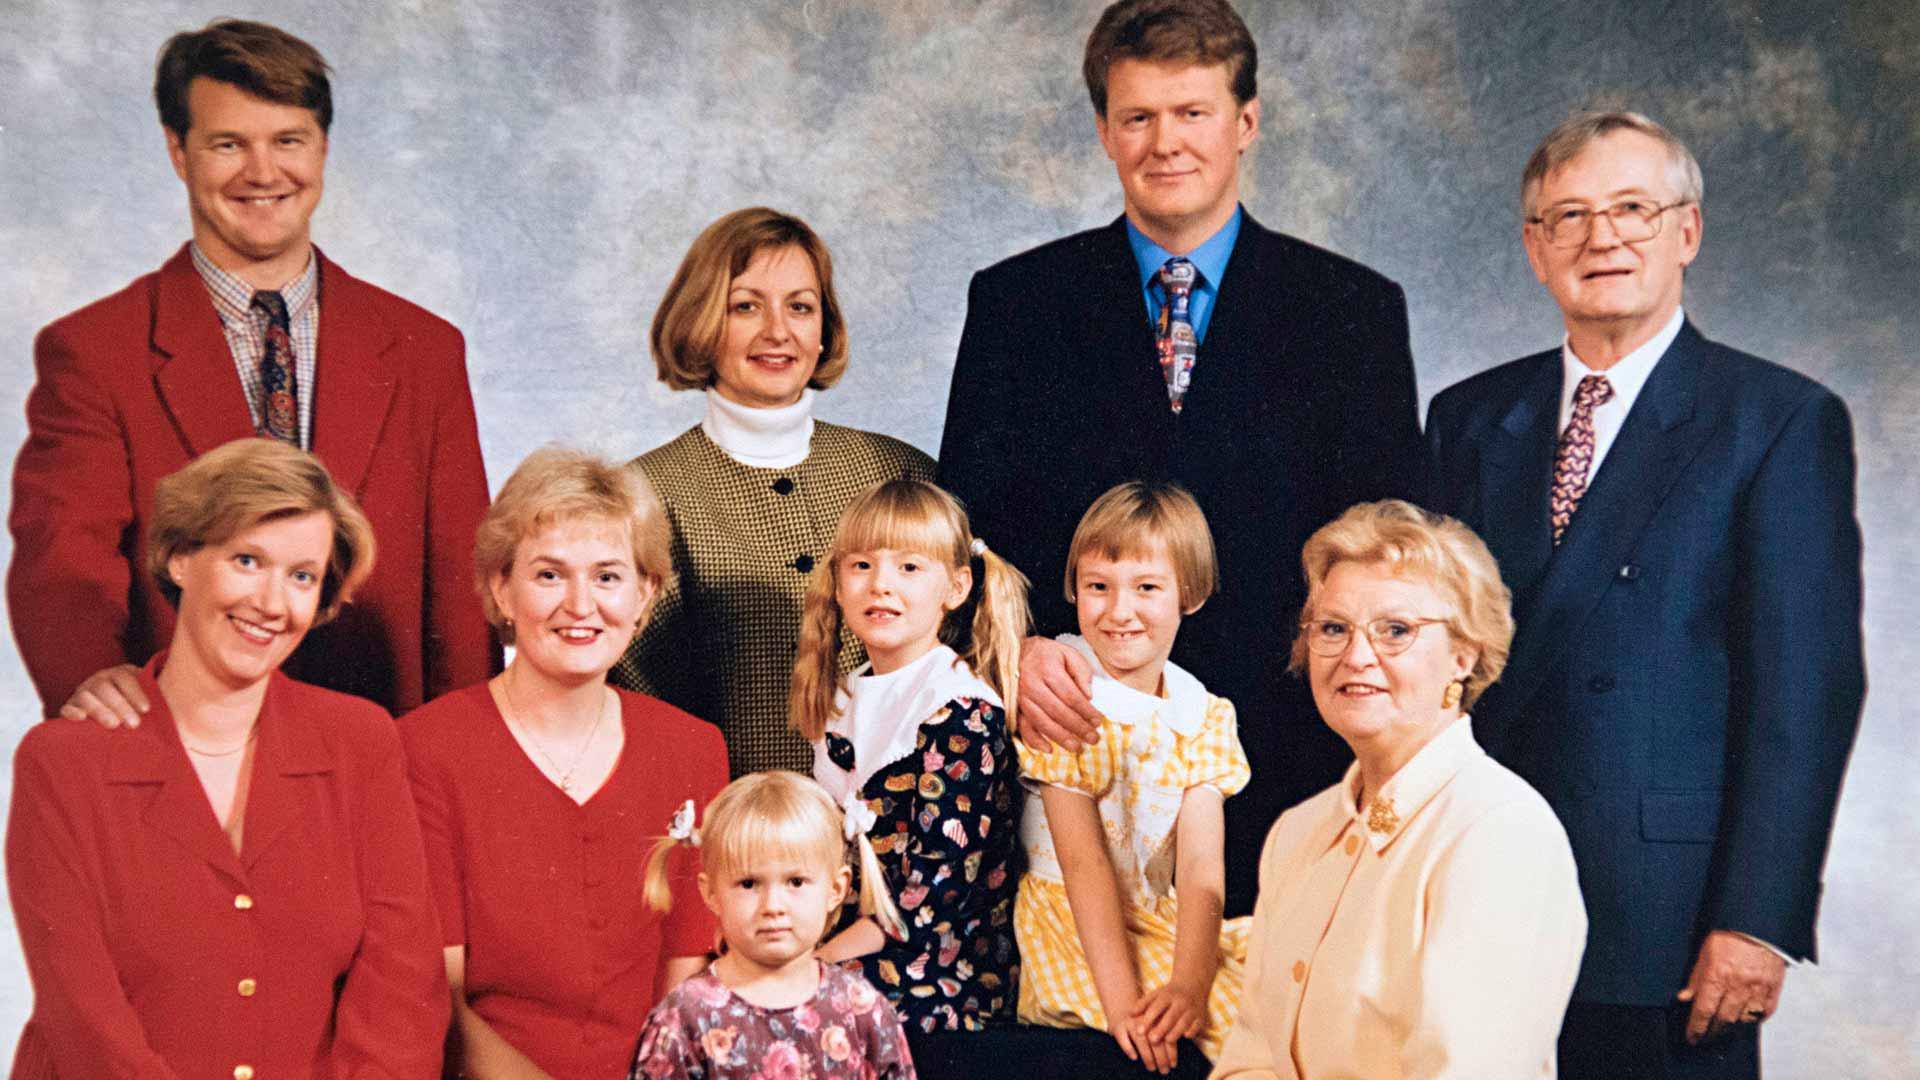 Perhe on kasvanut lasten puolisoilla ja lastenlapsilla. Vuonna 1998 otetusta kuvasta puuttuvat vielä syntymättömät lastenlapset Miki ja Mimosa.